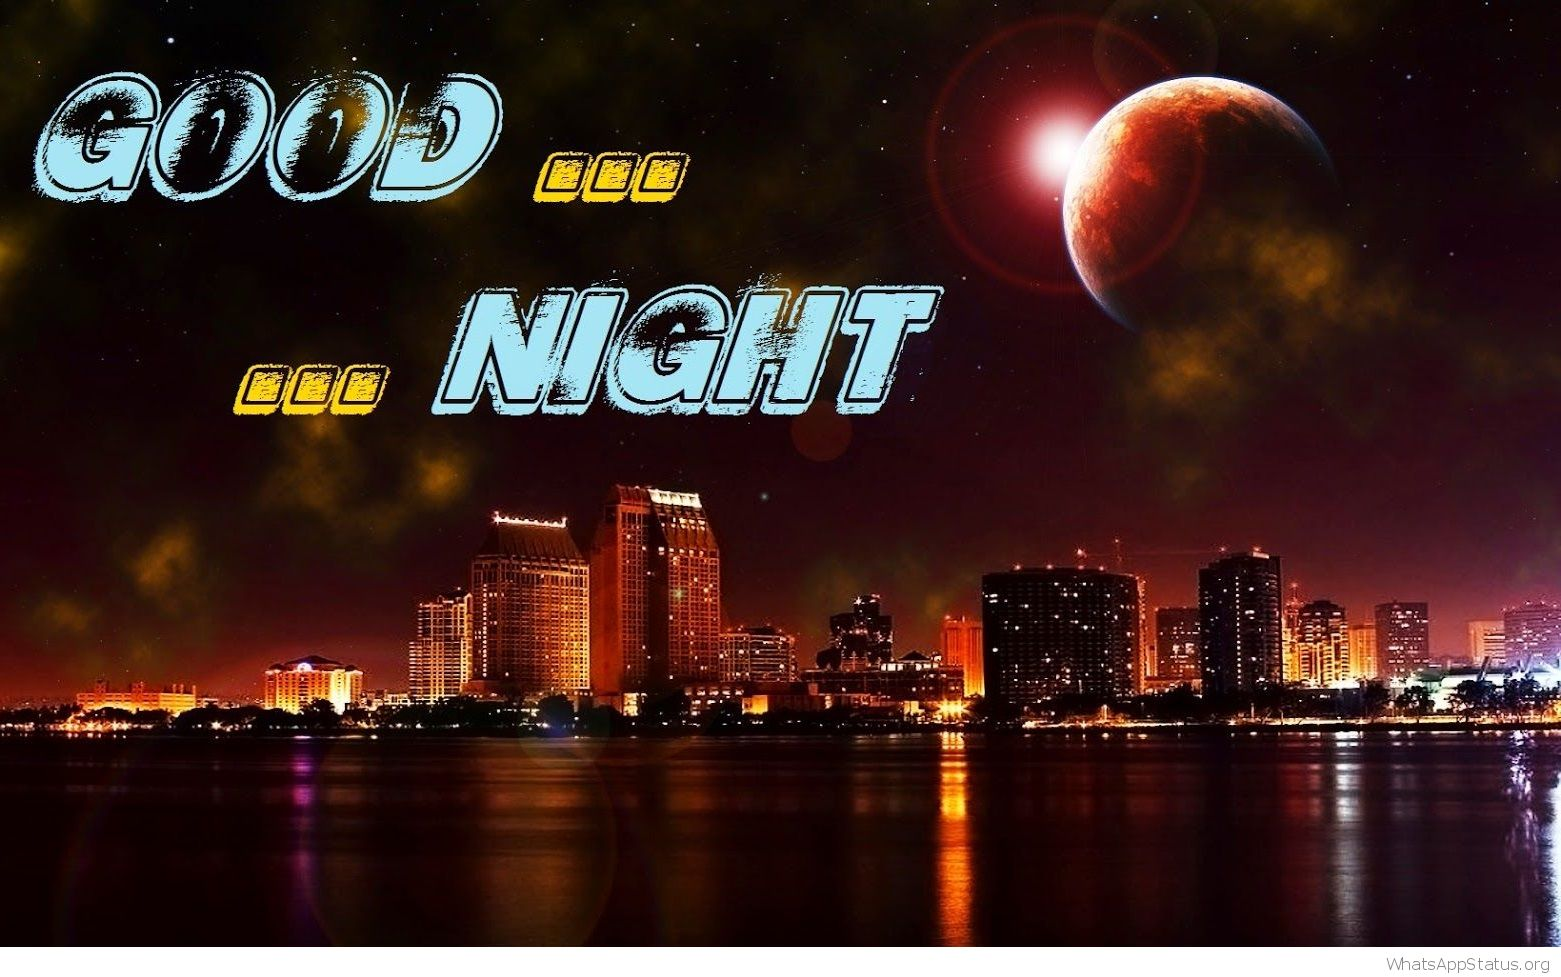 Most Beautiful Good Night Wallpapers - Good Night Hd 3d - HD Wallpaper